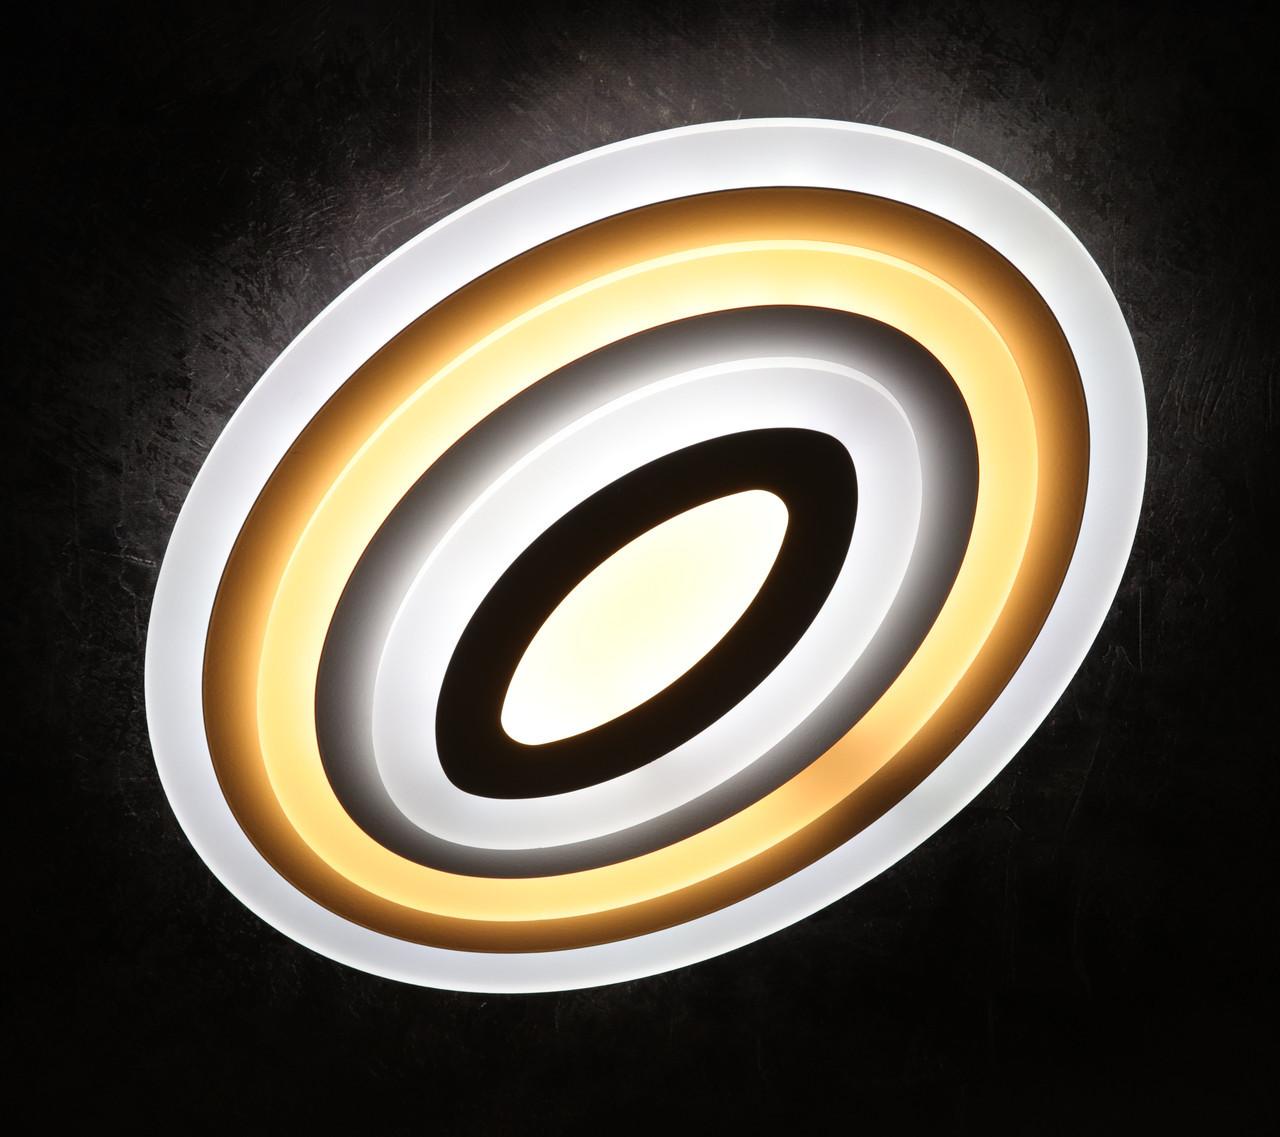 Люстра потолочная LED с пультом 2231/500*380 Белый 6х50х38 см.